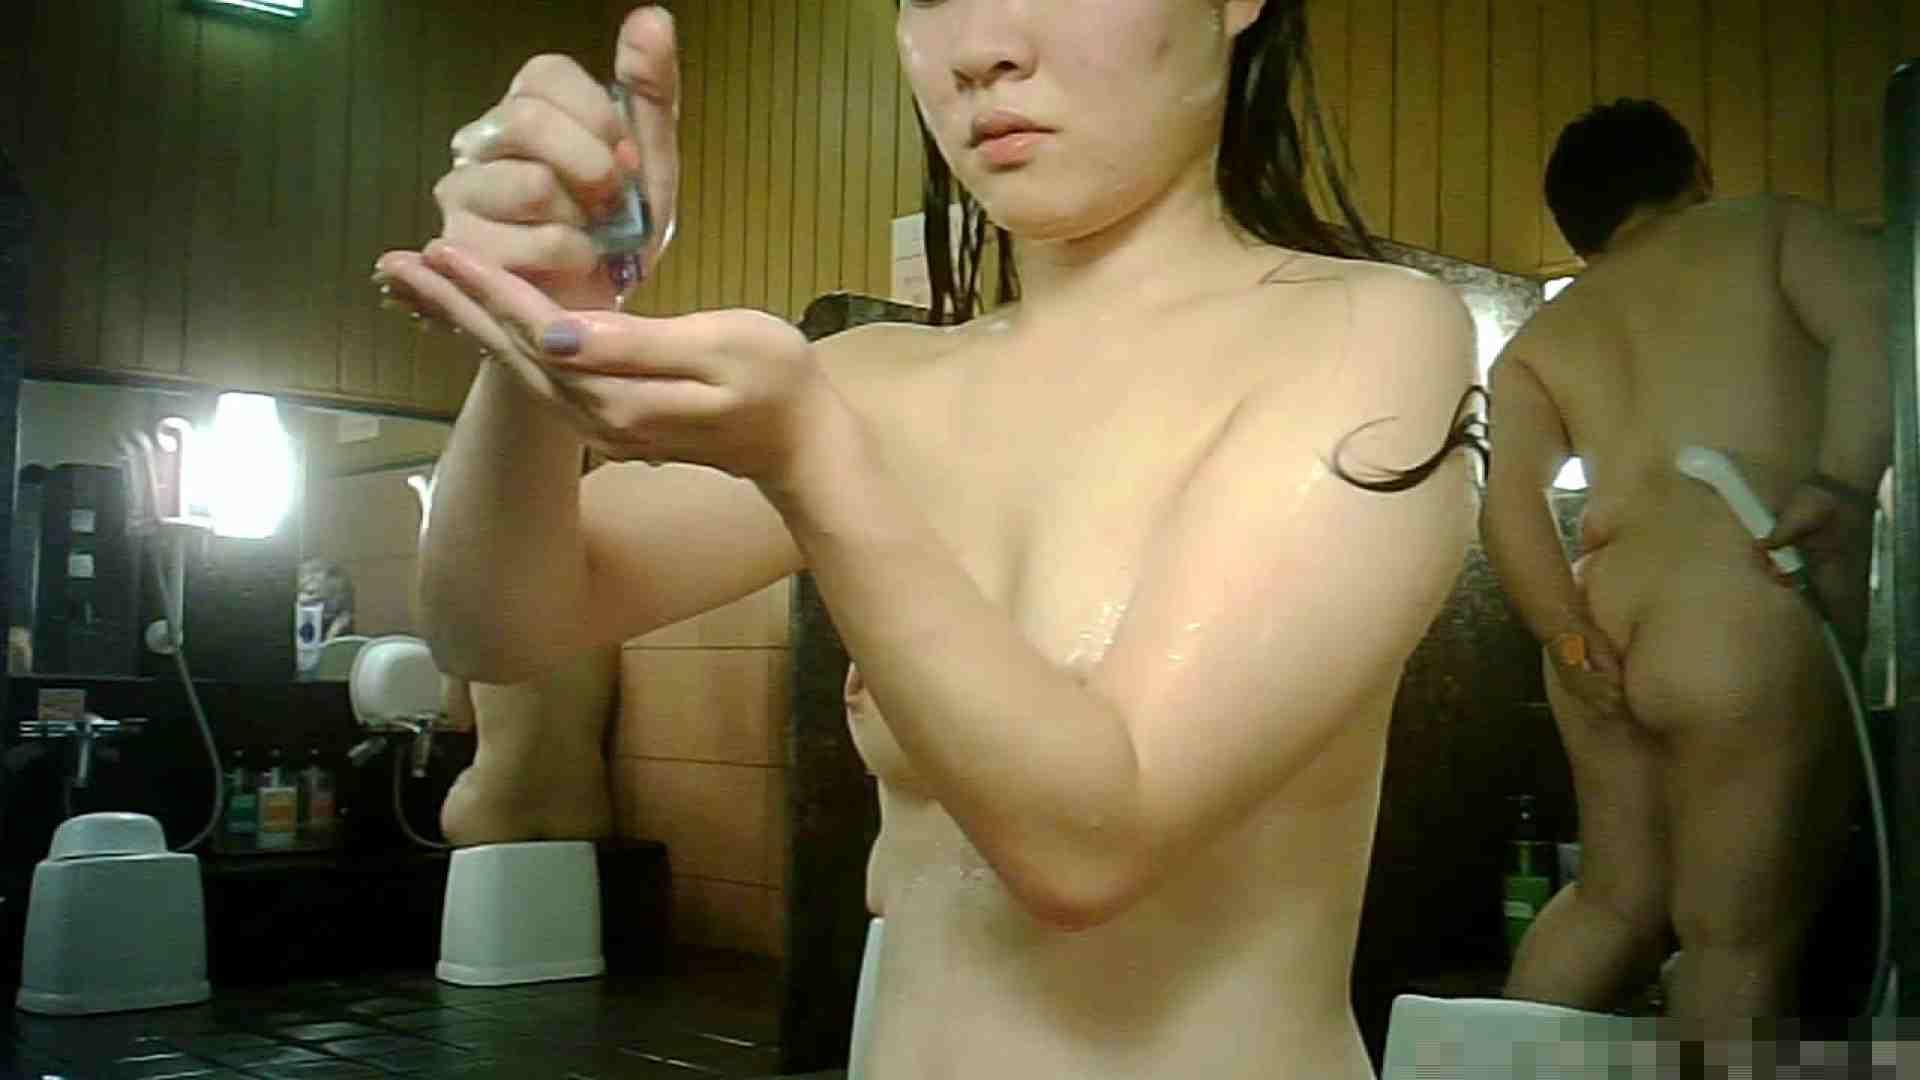 おまんこ丸見え|Vol.46 追い撮り!乳首陥没っのジャージ嬢、自慢は長い髪の毛でしょう。|怪盗ジョーカー